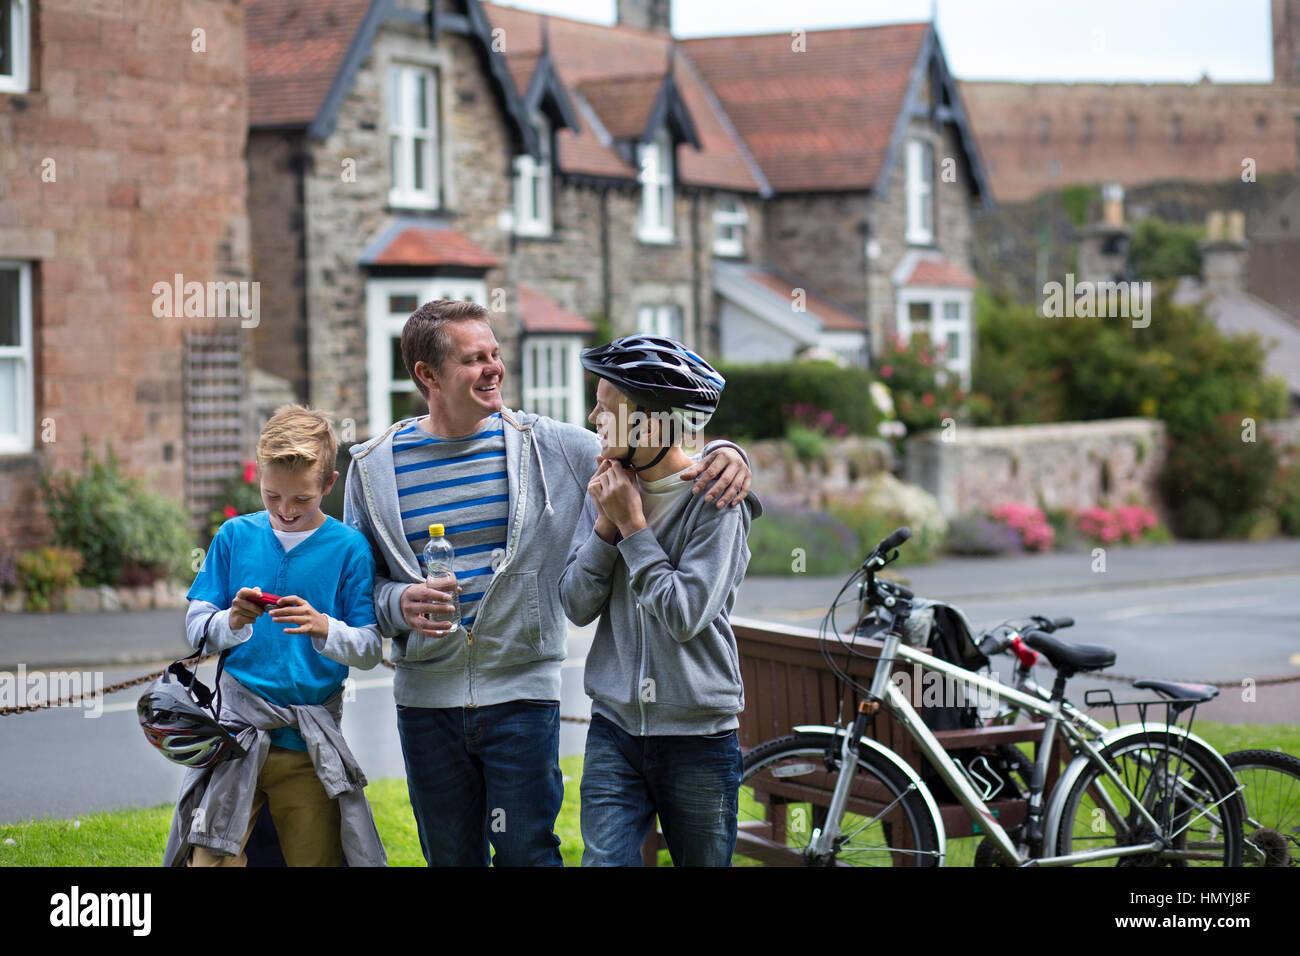 Vater und Söhne in einem Dorf in der Mitte ihrer Radtour zu stoppen, einen Drink zu nehmen. Sie tragen Freizeitkleidung Stockbild